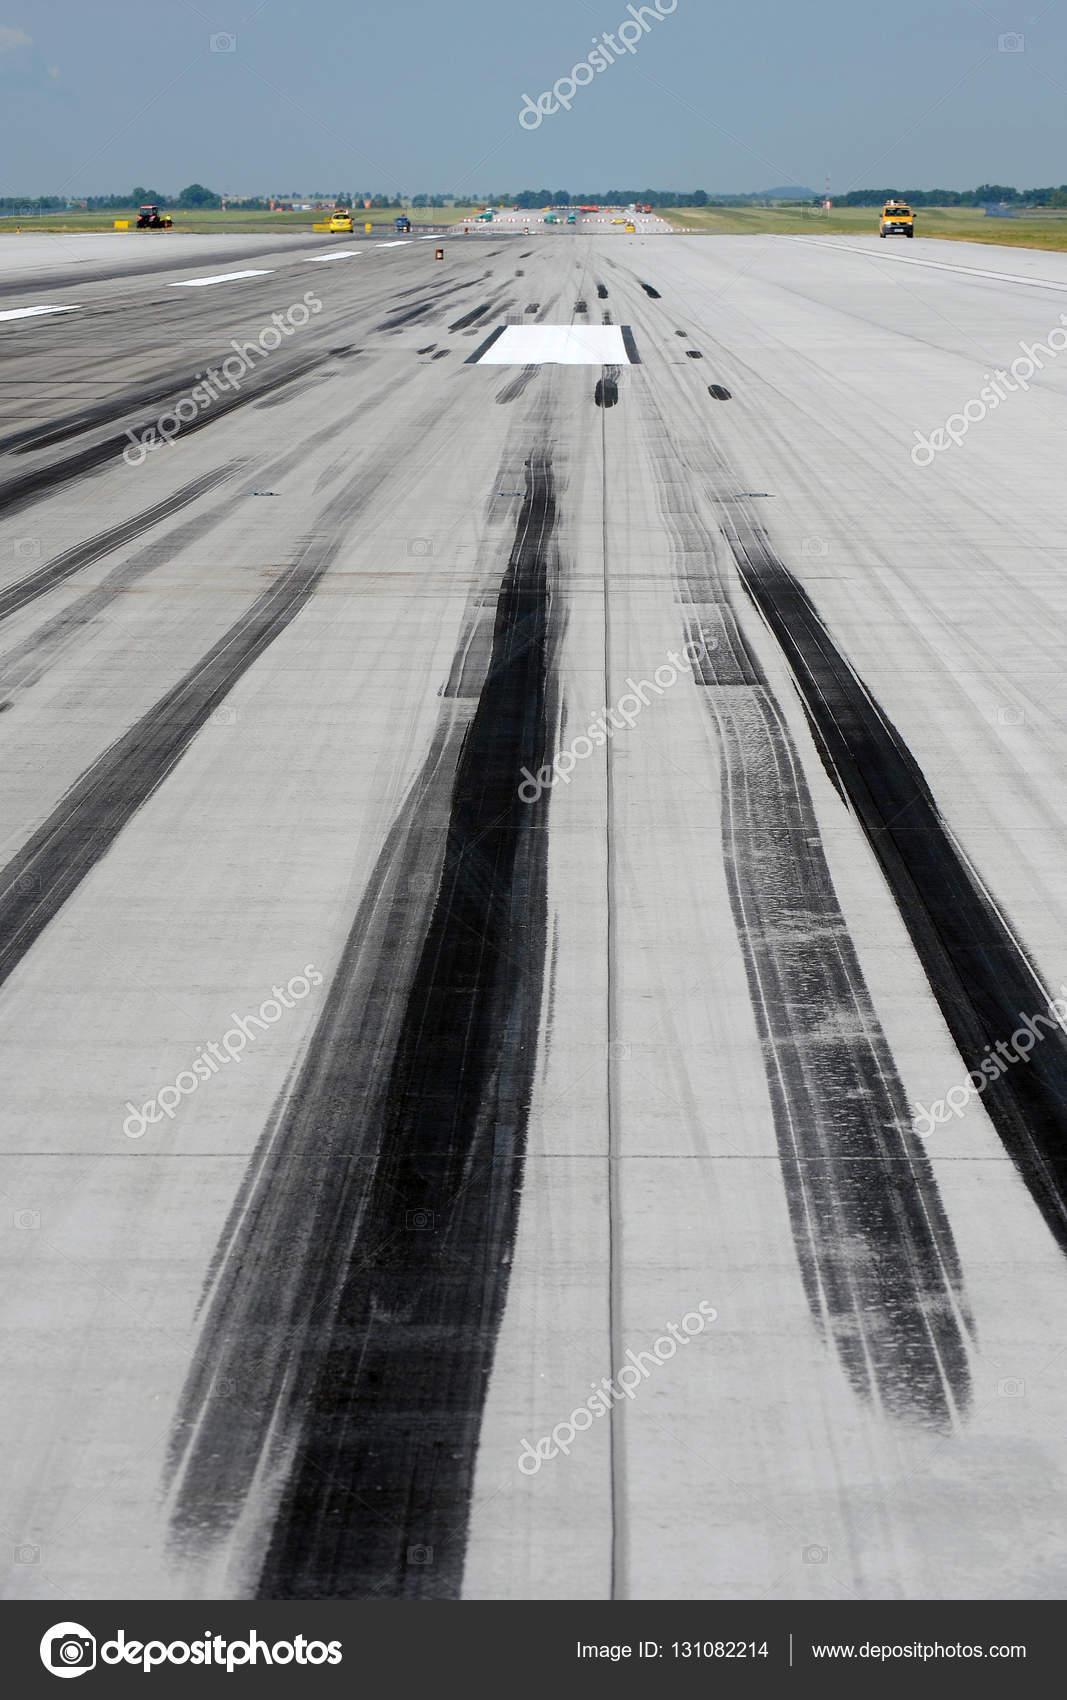 skid marks on runway stock photo yakub88 131082214